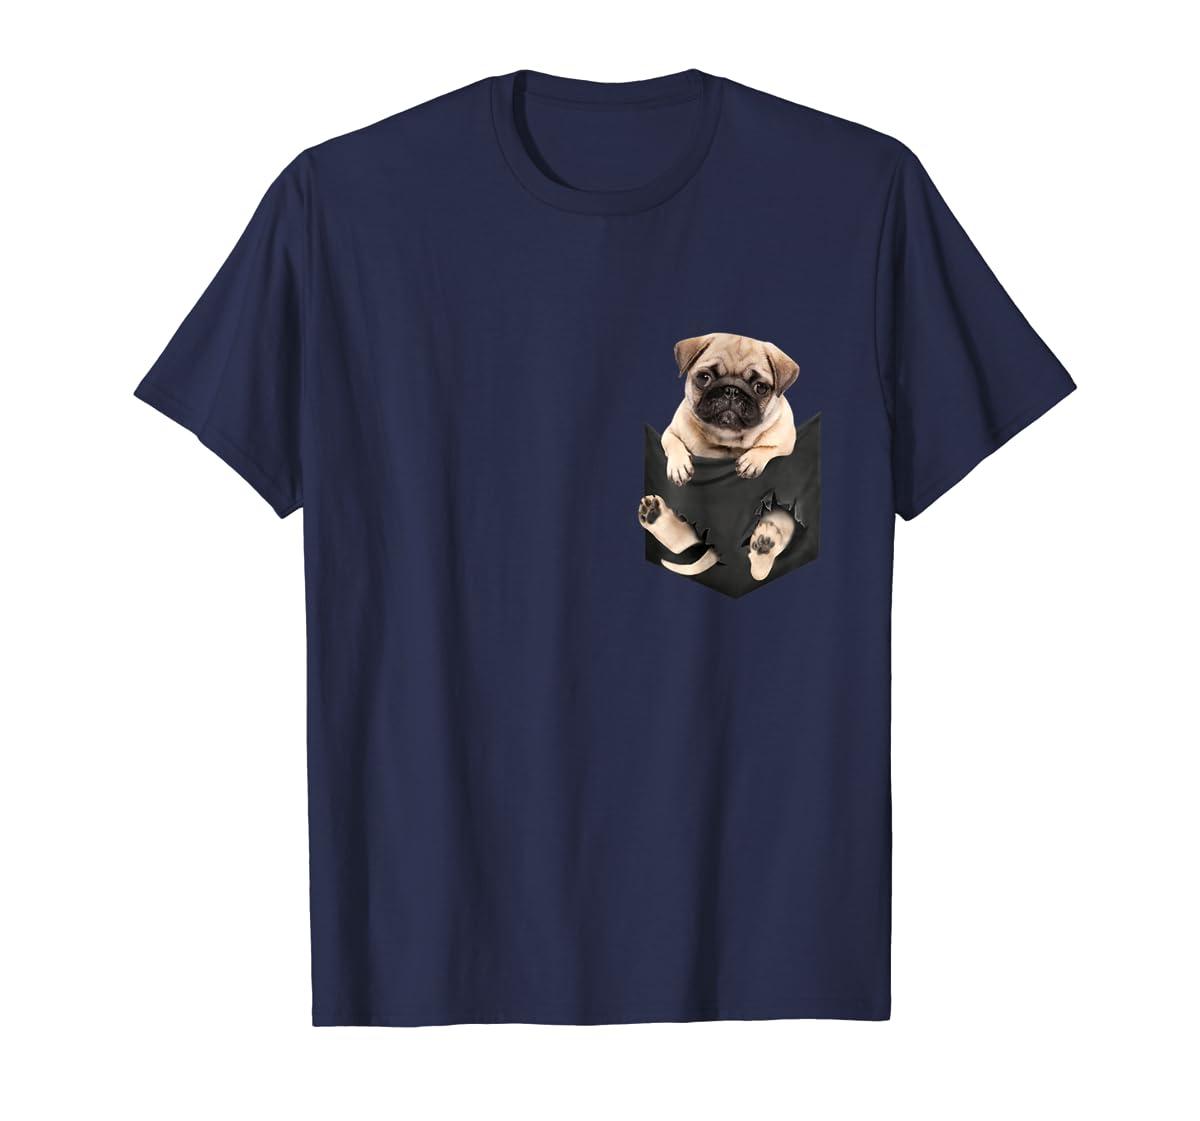 Dog in Your Pocket santa hat pug lover gift shirt-Men's T-Shirt-Navy